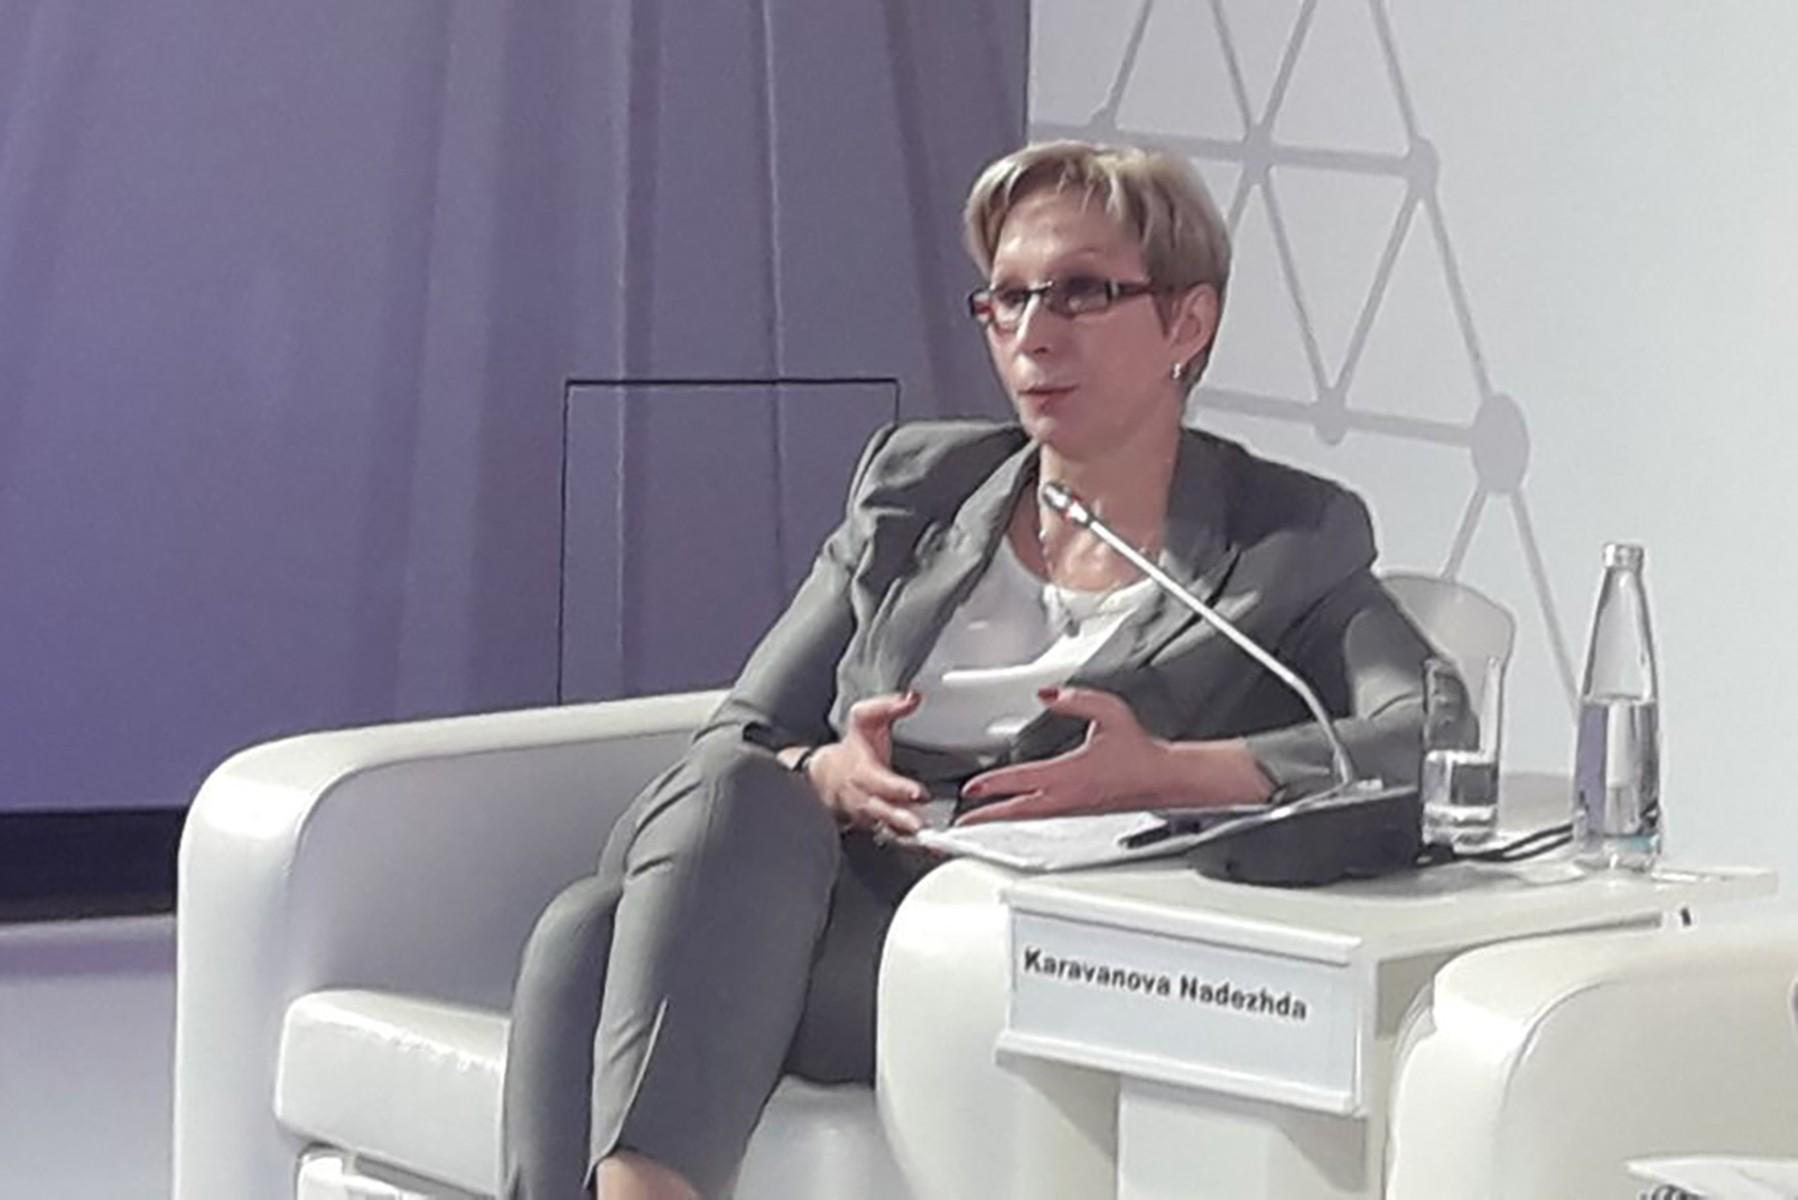 Надежда Караванова. Фото: Dni.Ru/Александр Пельт